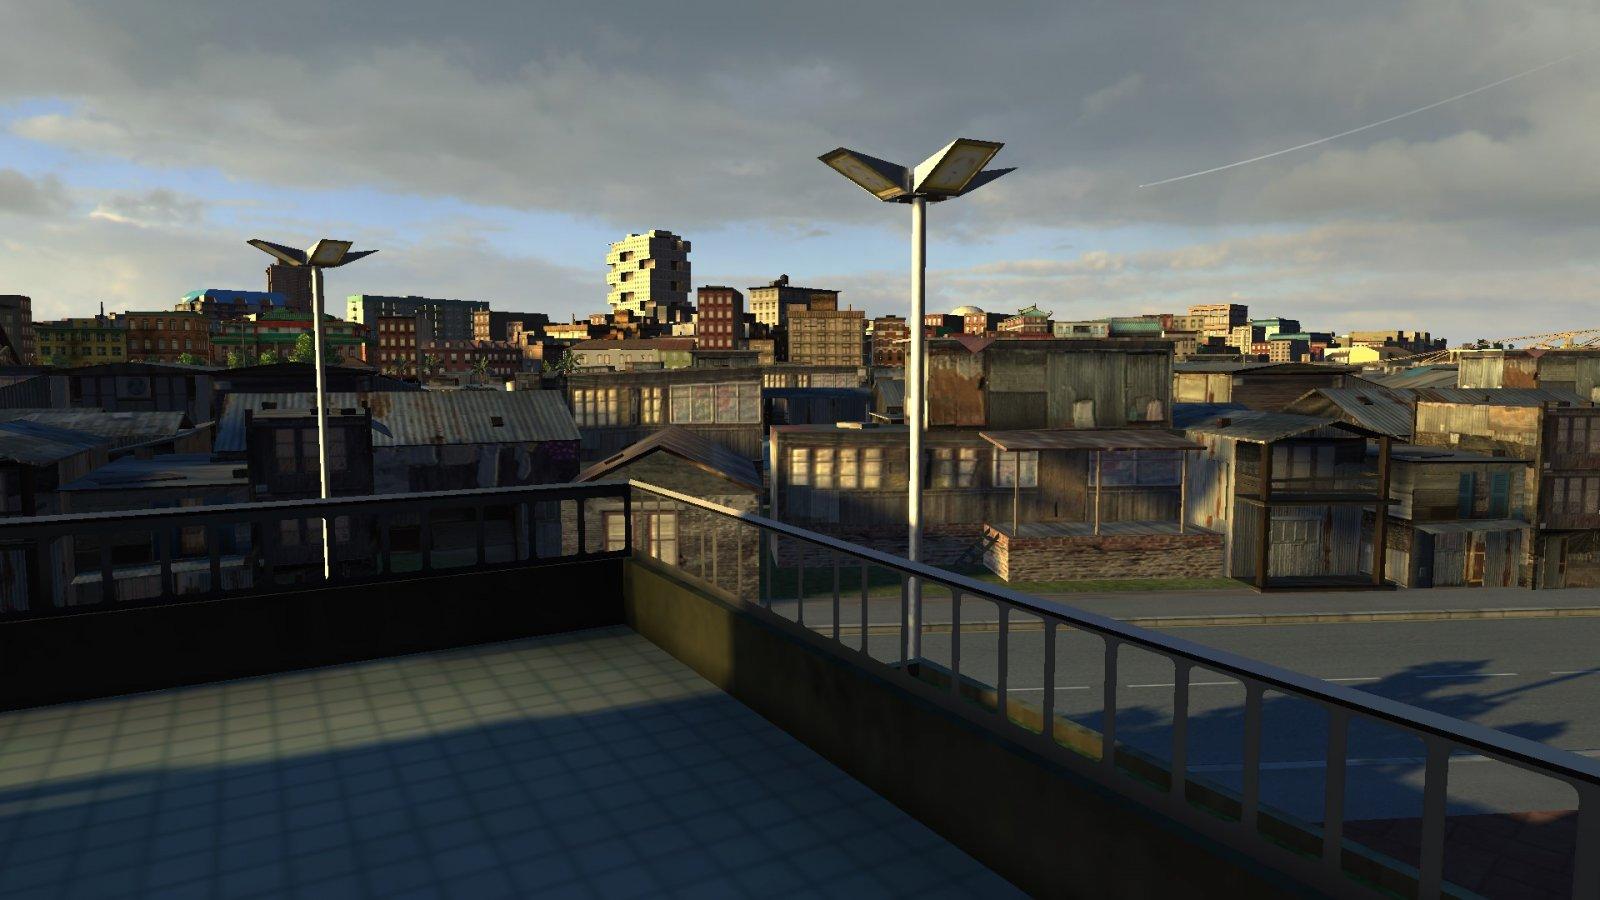 cxl_screenshot_kotanagara_26.jpg